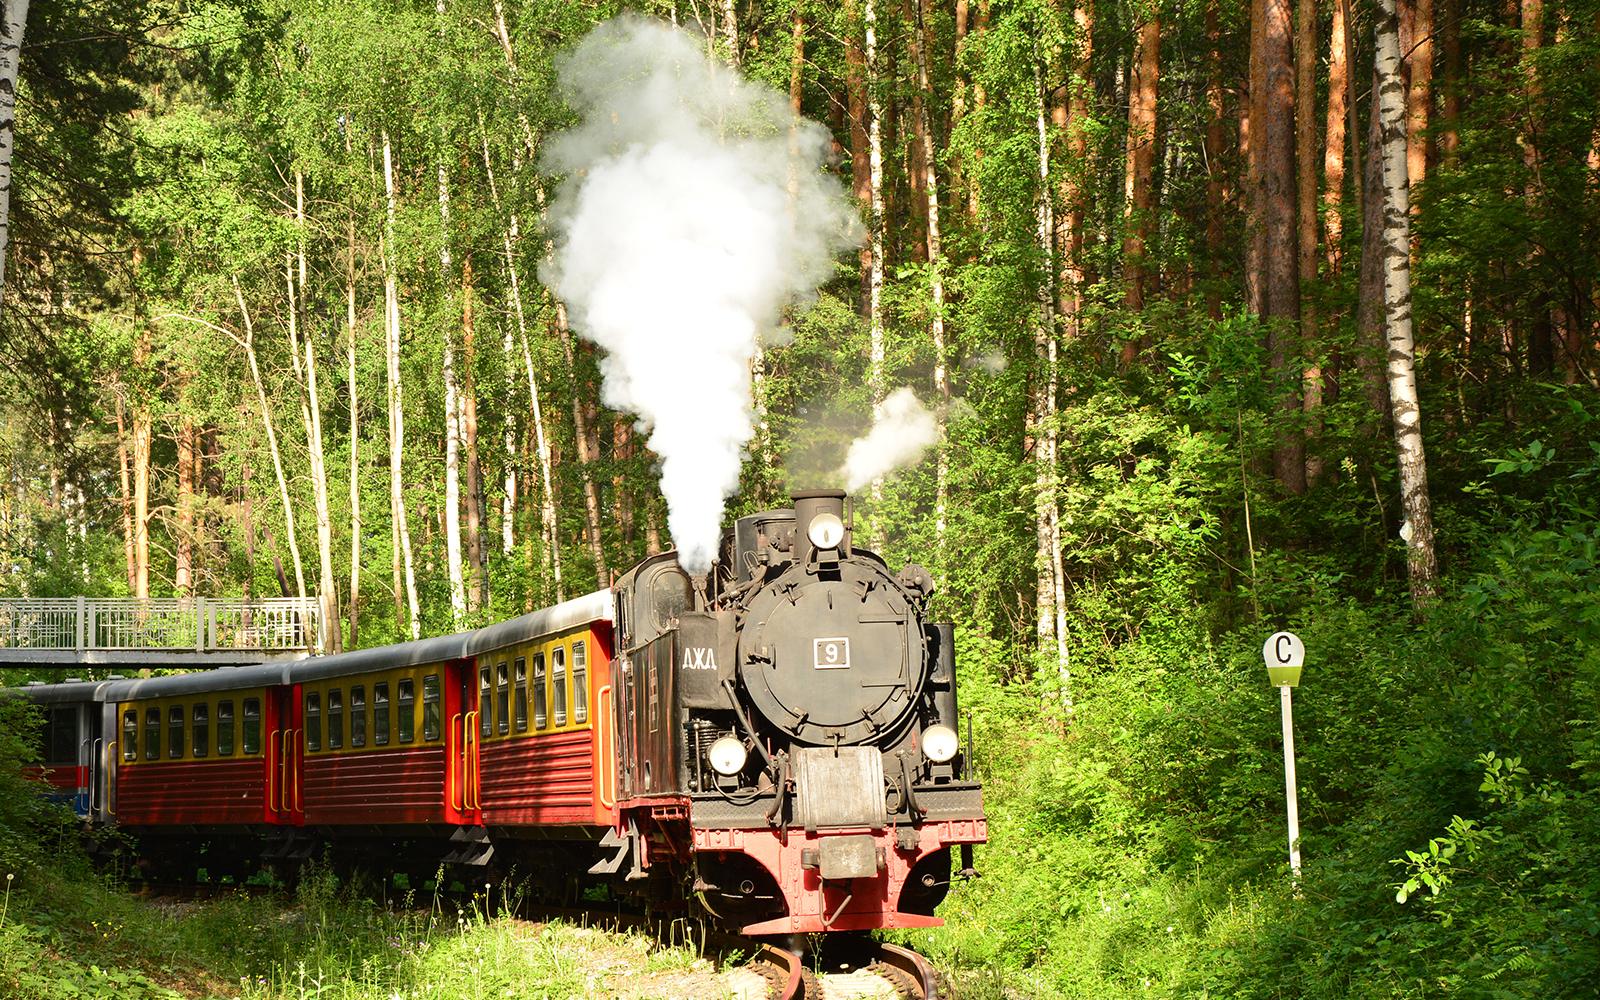 Foto: Und das ist sie, die deutsche Lok aus den 30ern, die heute die Parkeisenbahn durch die Wälder von Jekaterinburg in Russland zieht. Die Lok 9 wurde einst aus dem Mansfelder Land in Sachsen-Anhalt nach Jekaterinburg überführt. Eingefangen von railmen-Lokführer Steffen Mann.